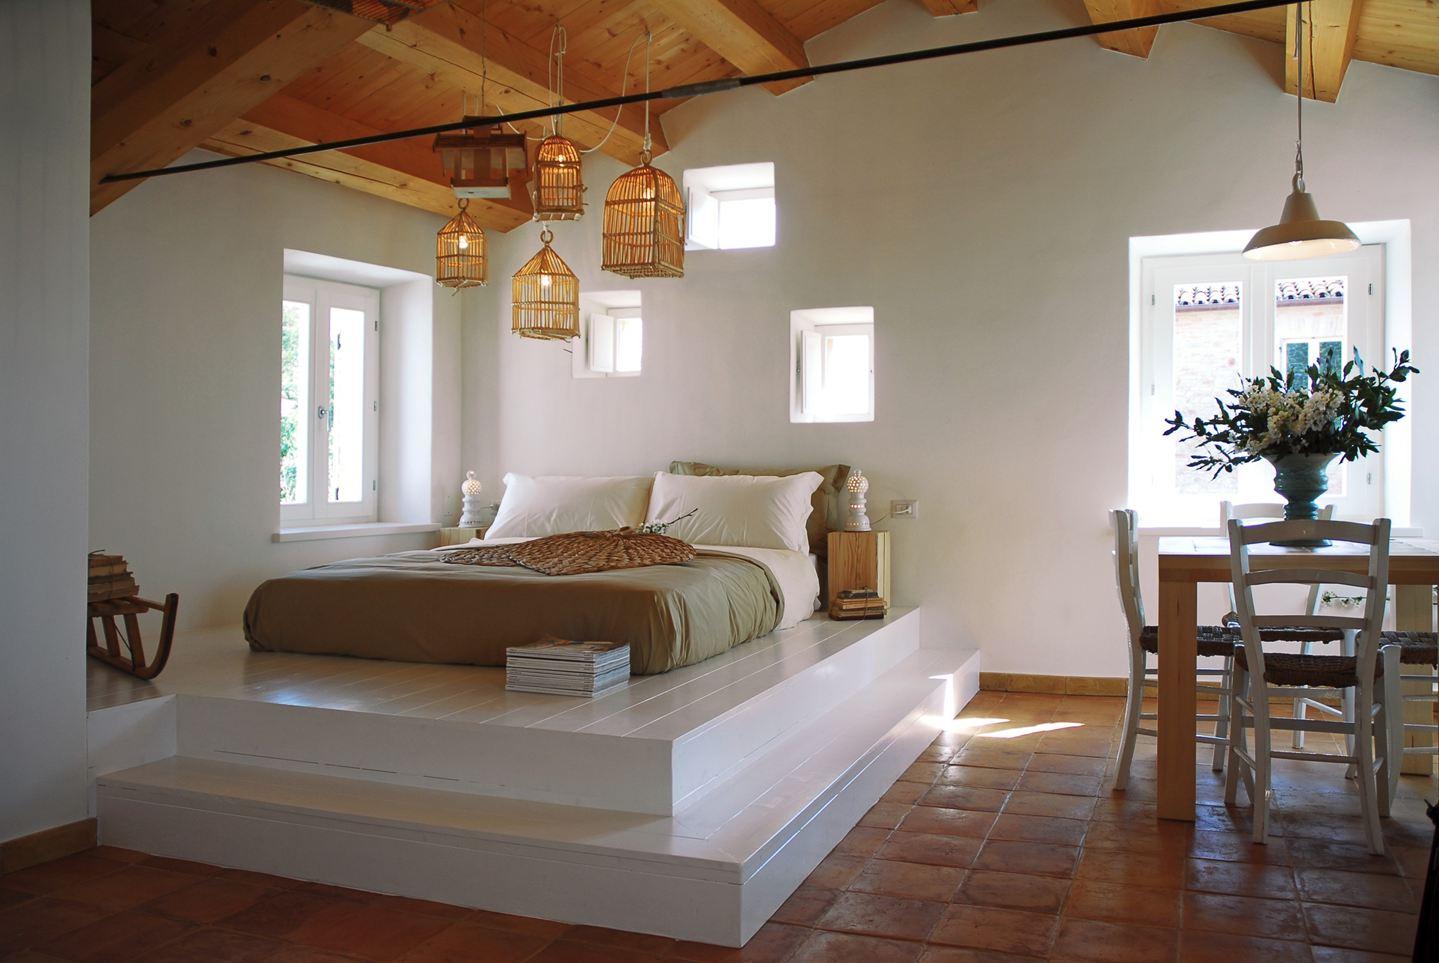 Кровать подиум в стиле кантри